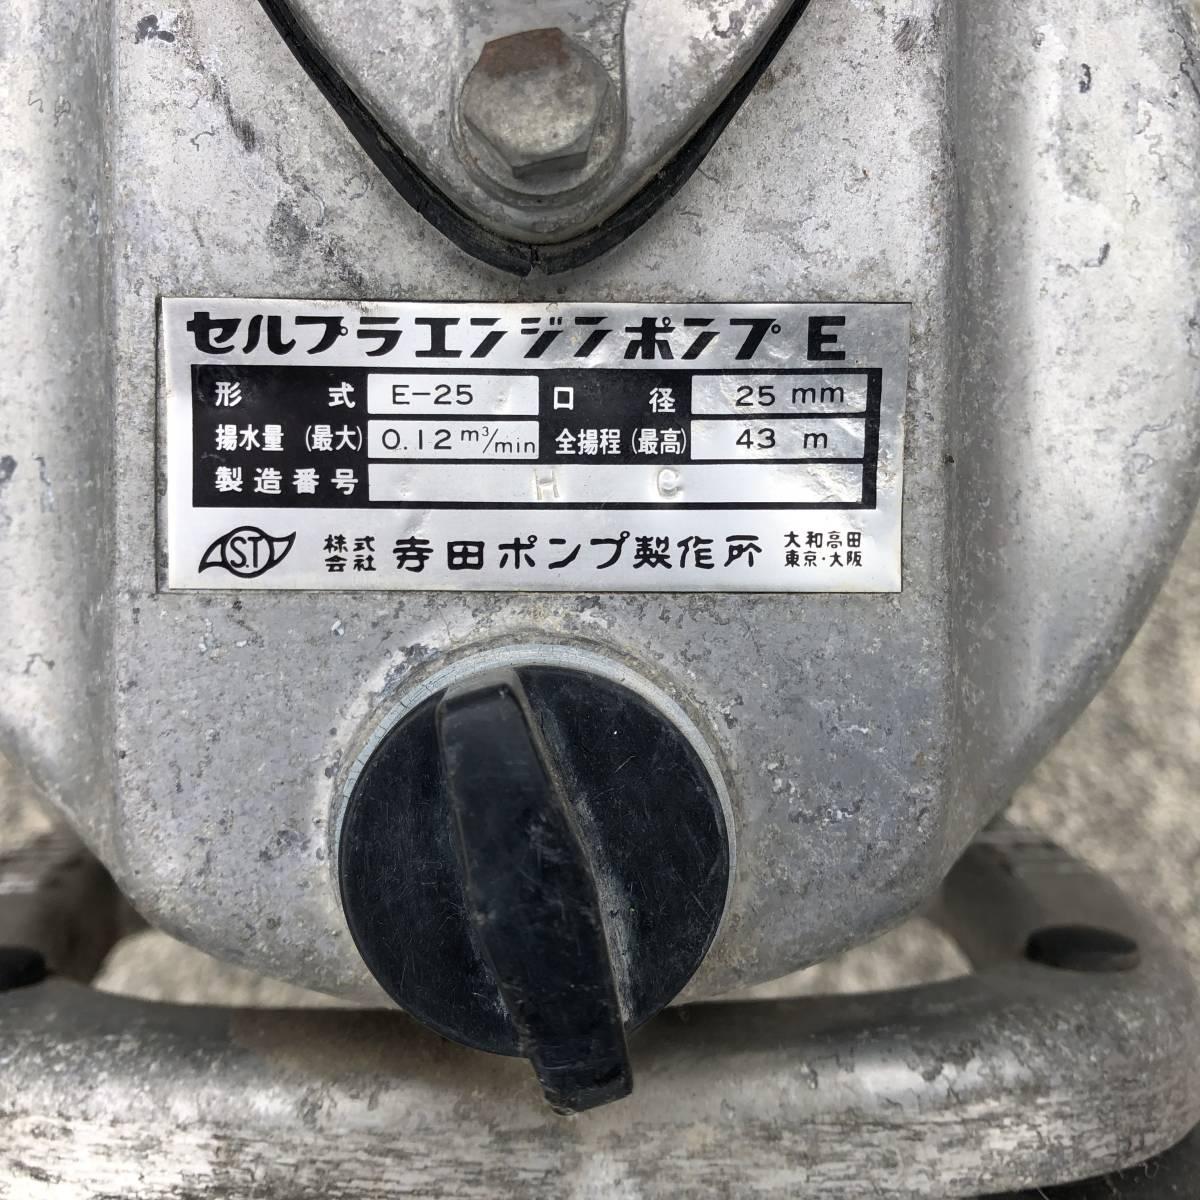 エンジン水ポンプ寺田ポンプE-25 ジャンク_画像8